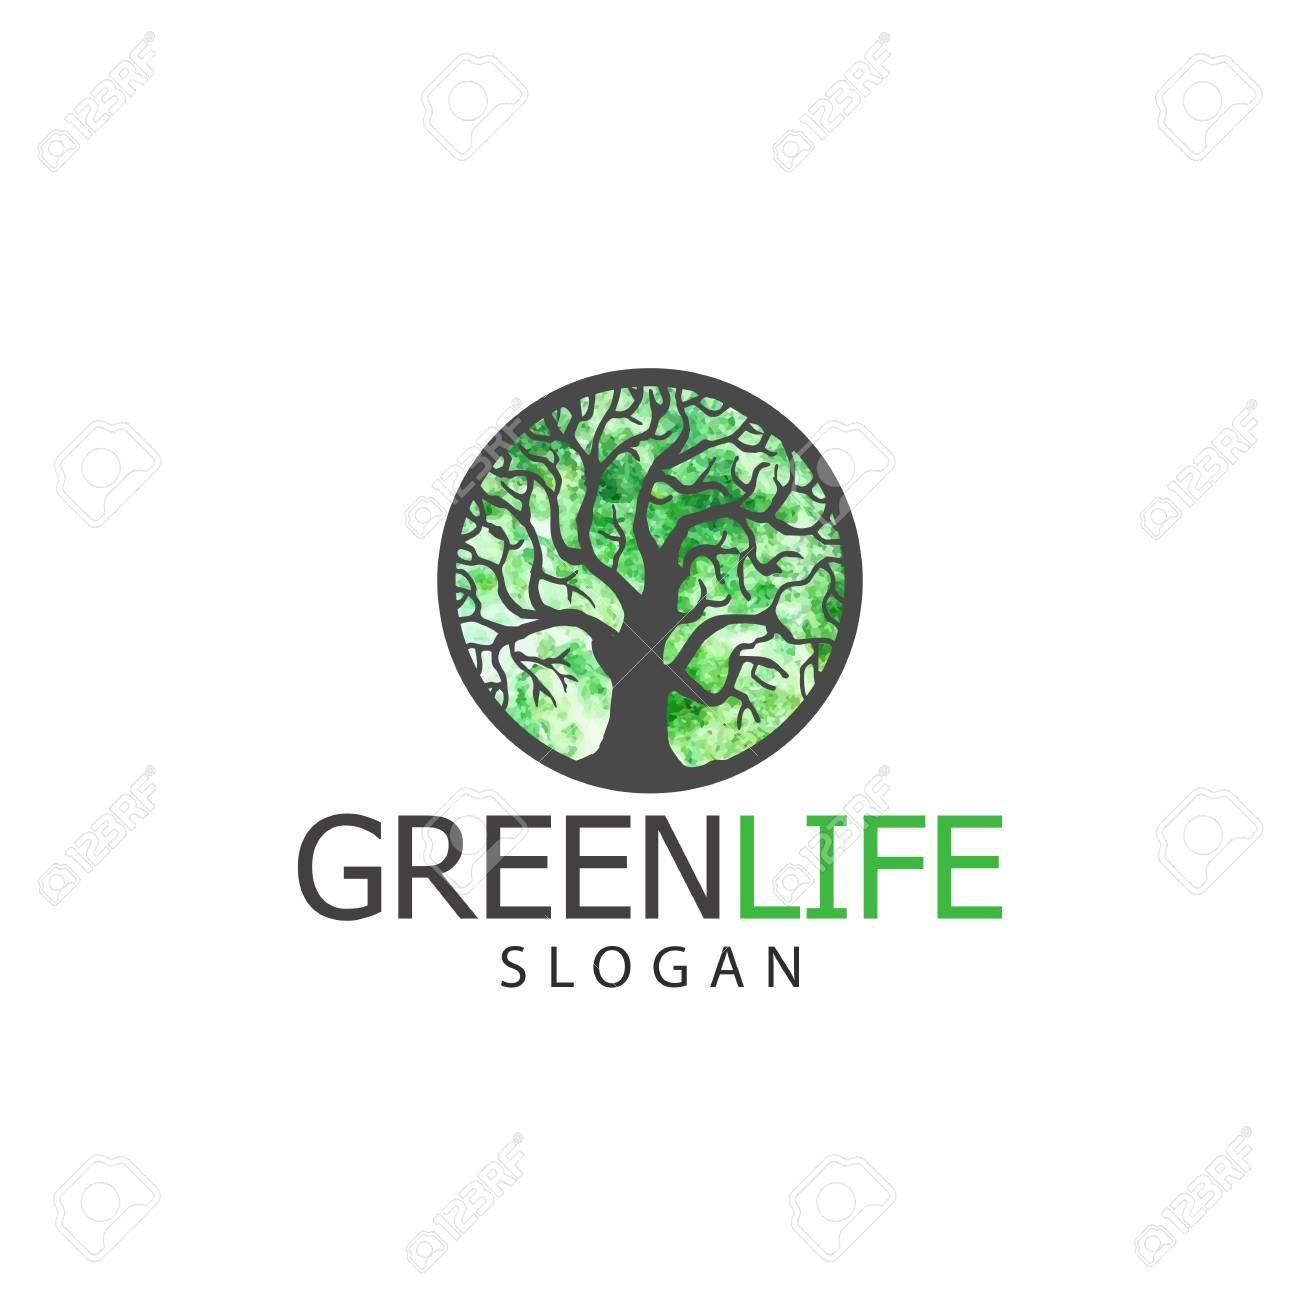 vector illustration og tree logo or icon design template badges